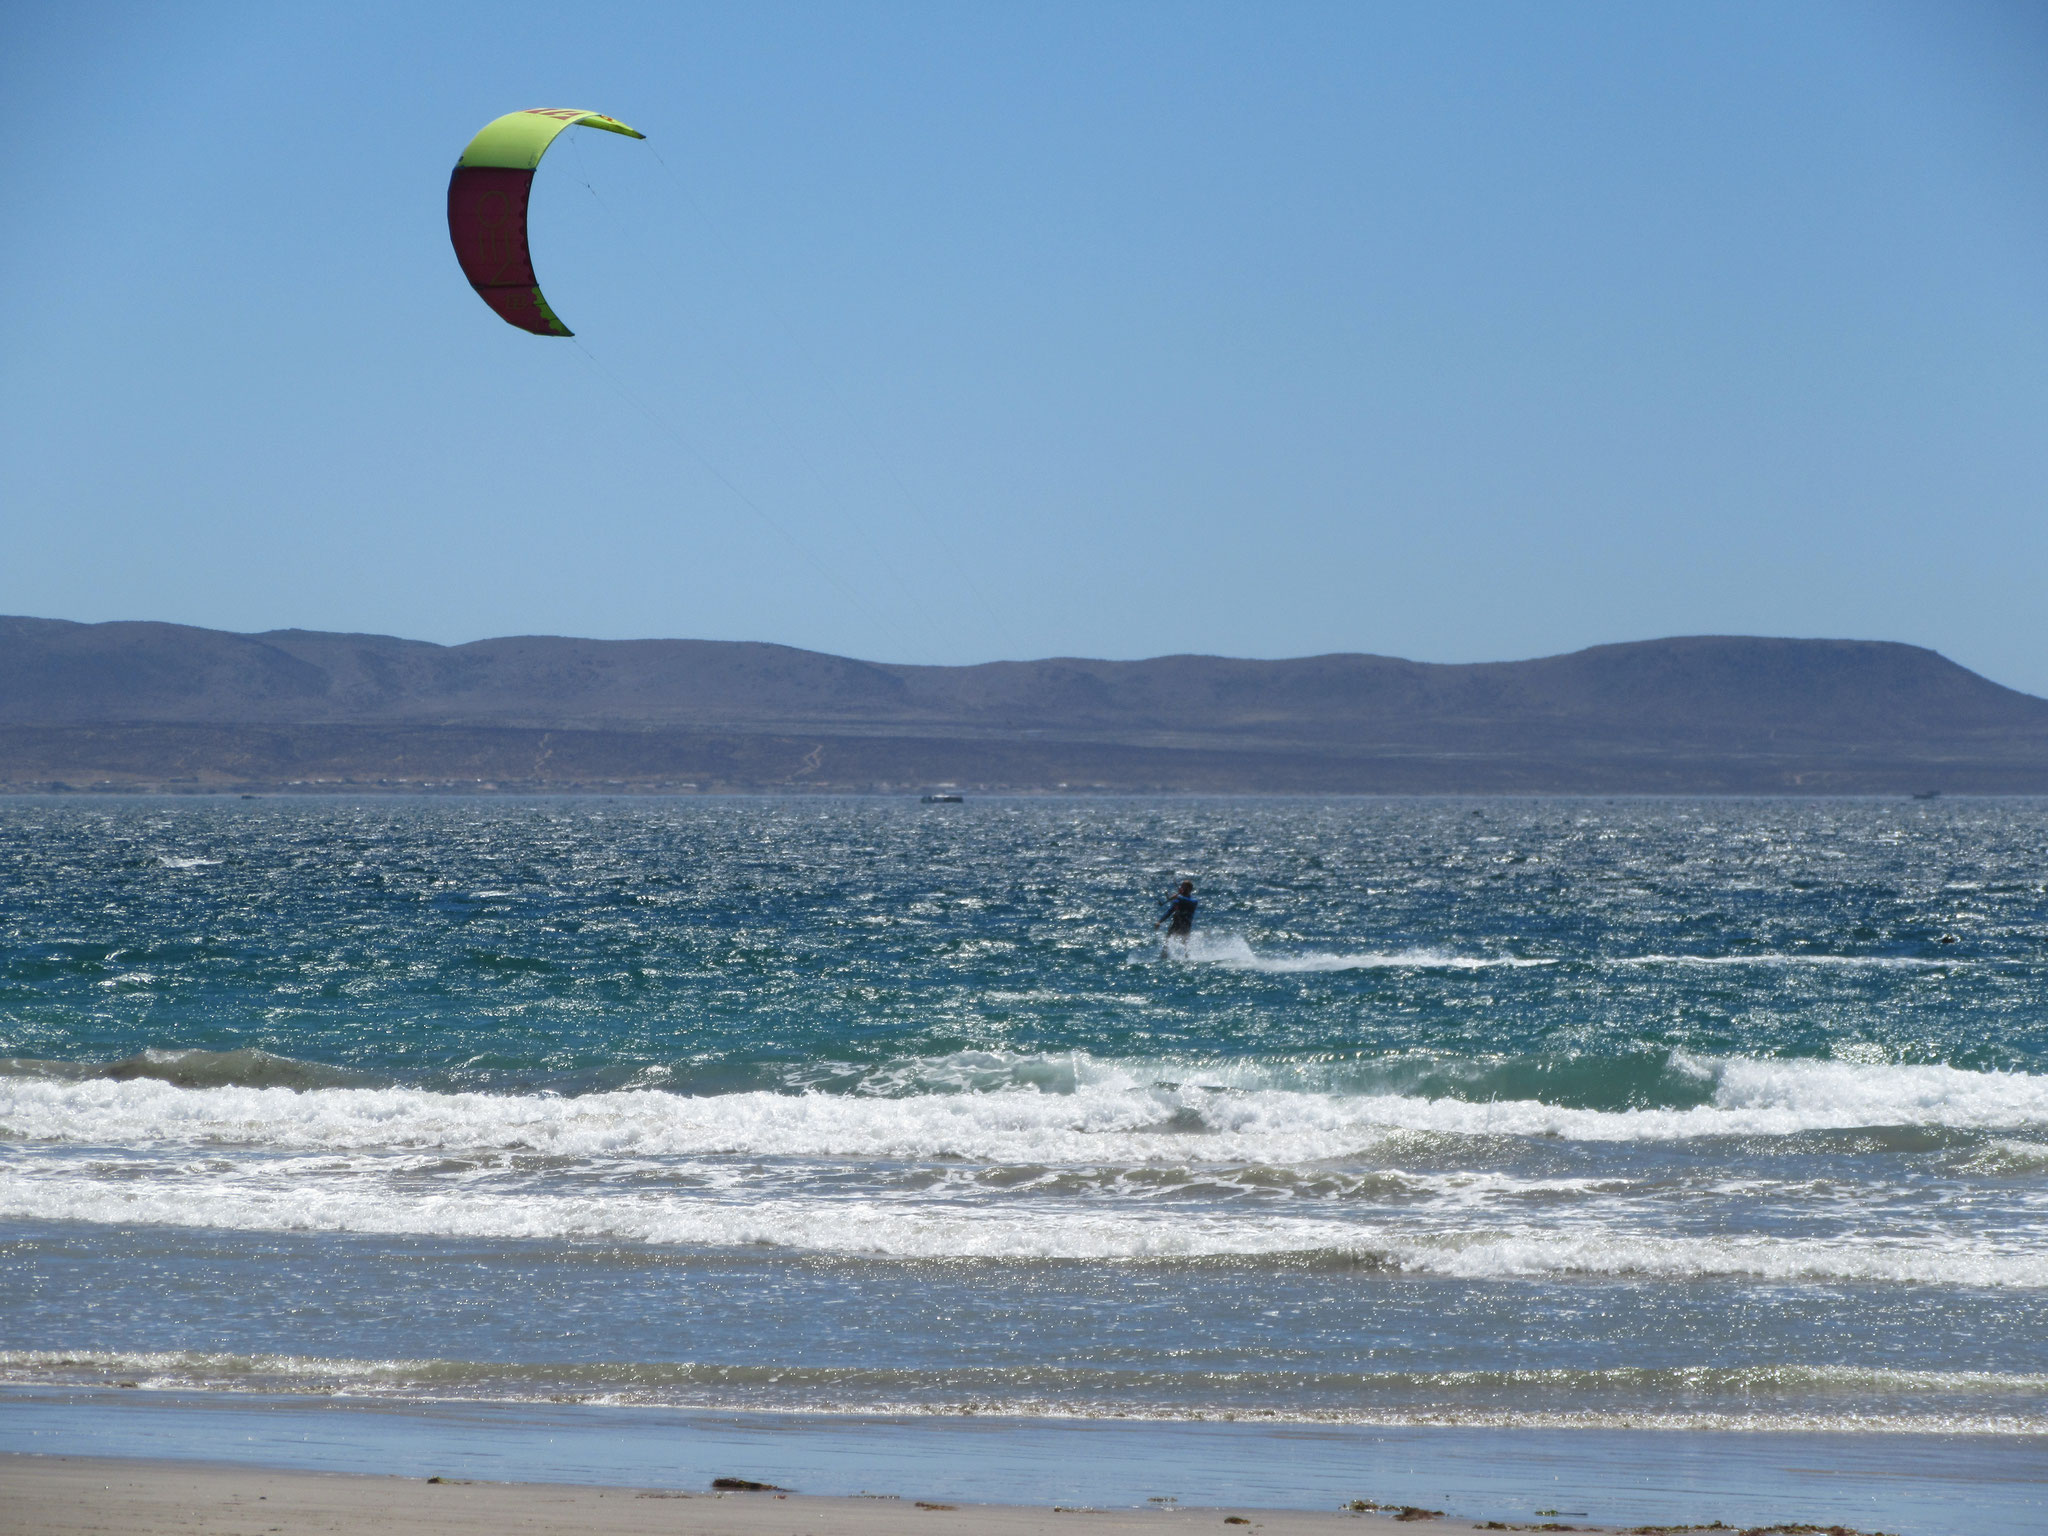 Kitesurfing in Tongoy